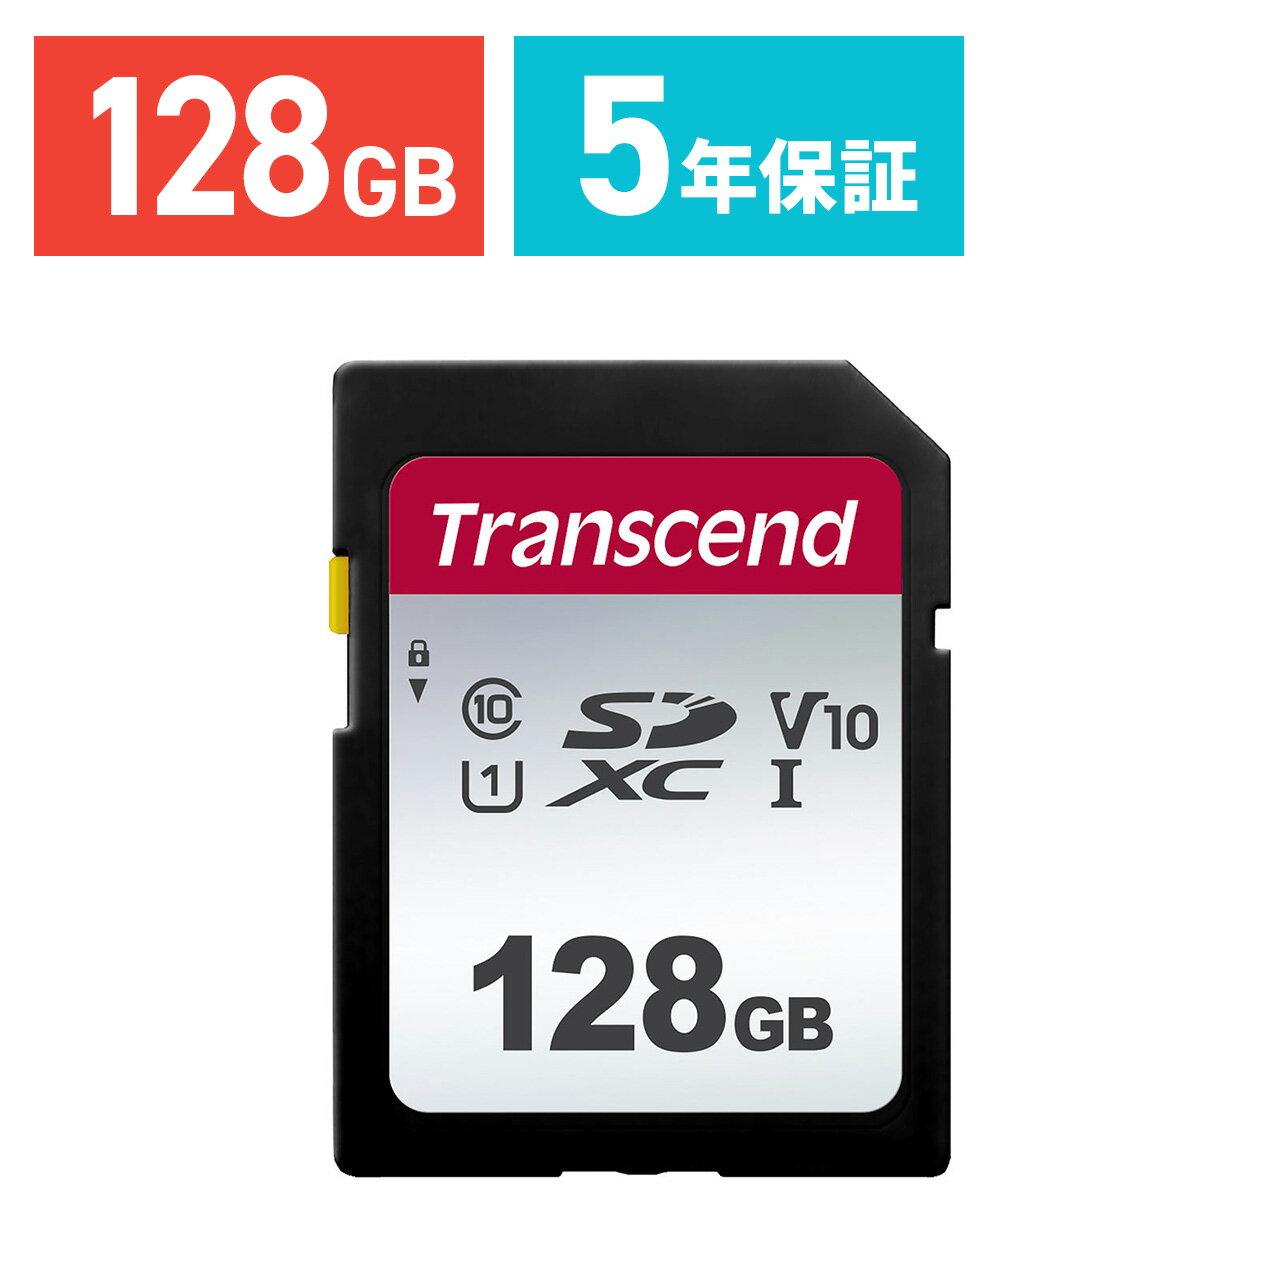 【ケース付き!】Transcend SDカード 128GB Class10 UHS-I SDXCカード 5年保証 メモリーカード クラス10 入学 卒業[TS128GSDC300S]【ネコポス専用】【送料無料】